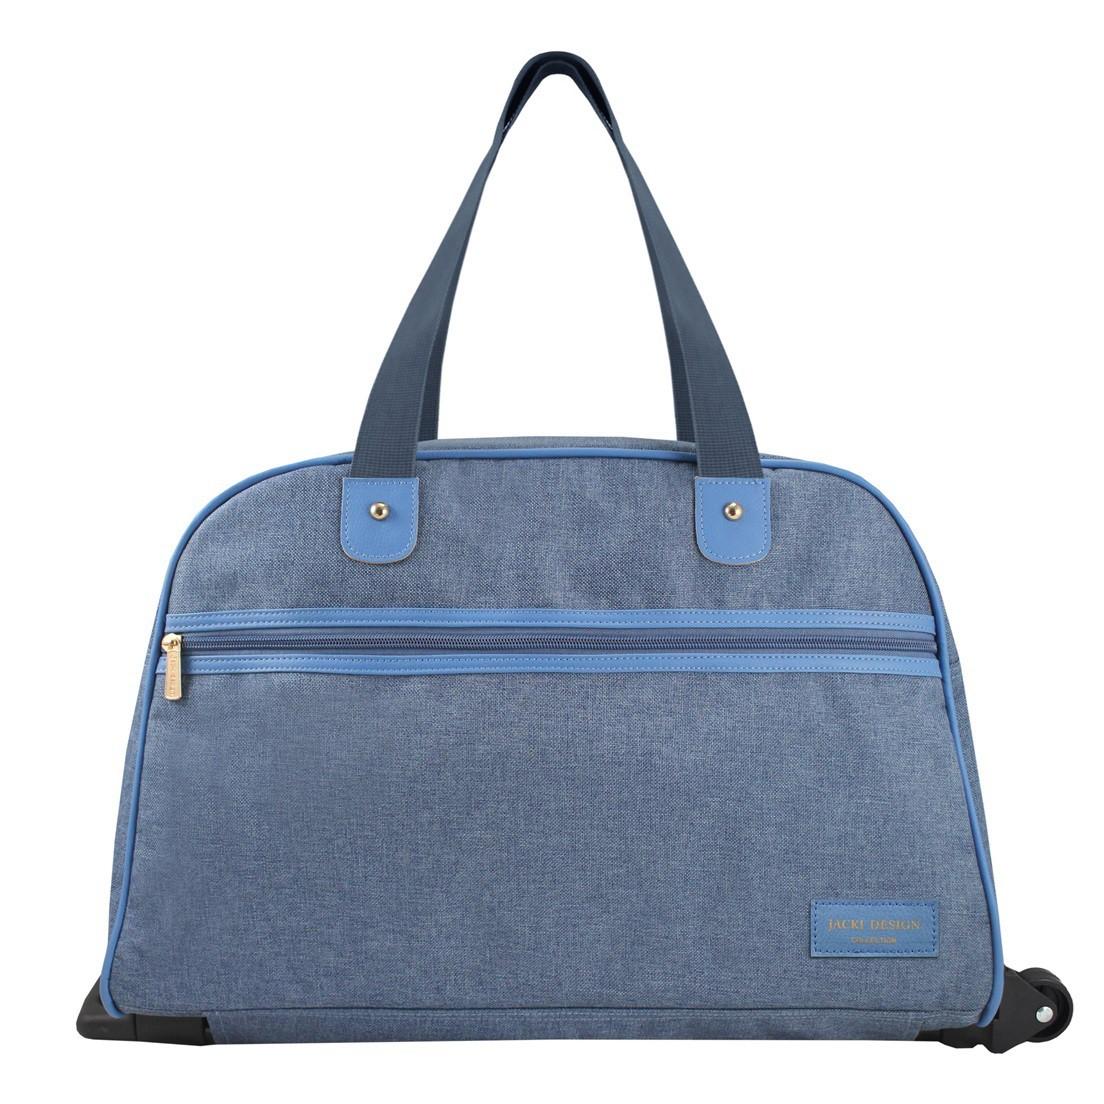 Bolsa de Viagem com Rodinhas Be You Jacki Design